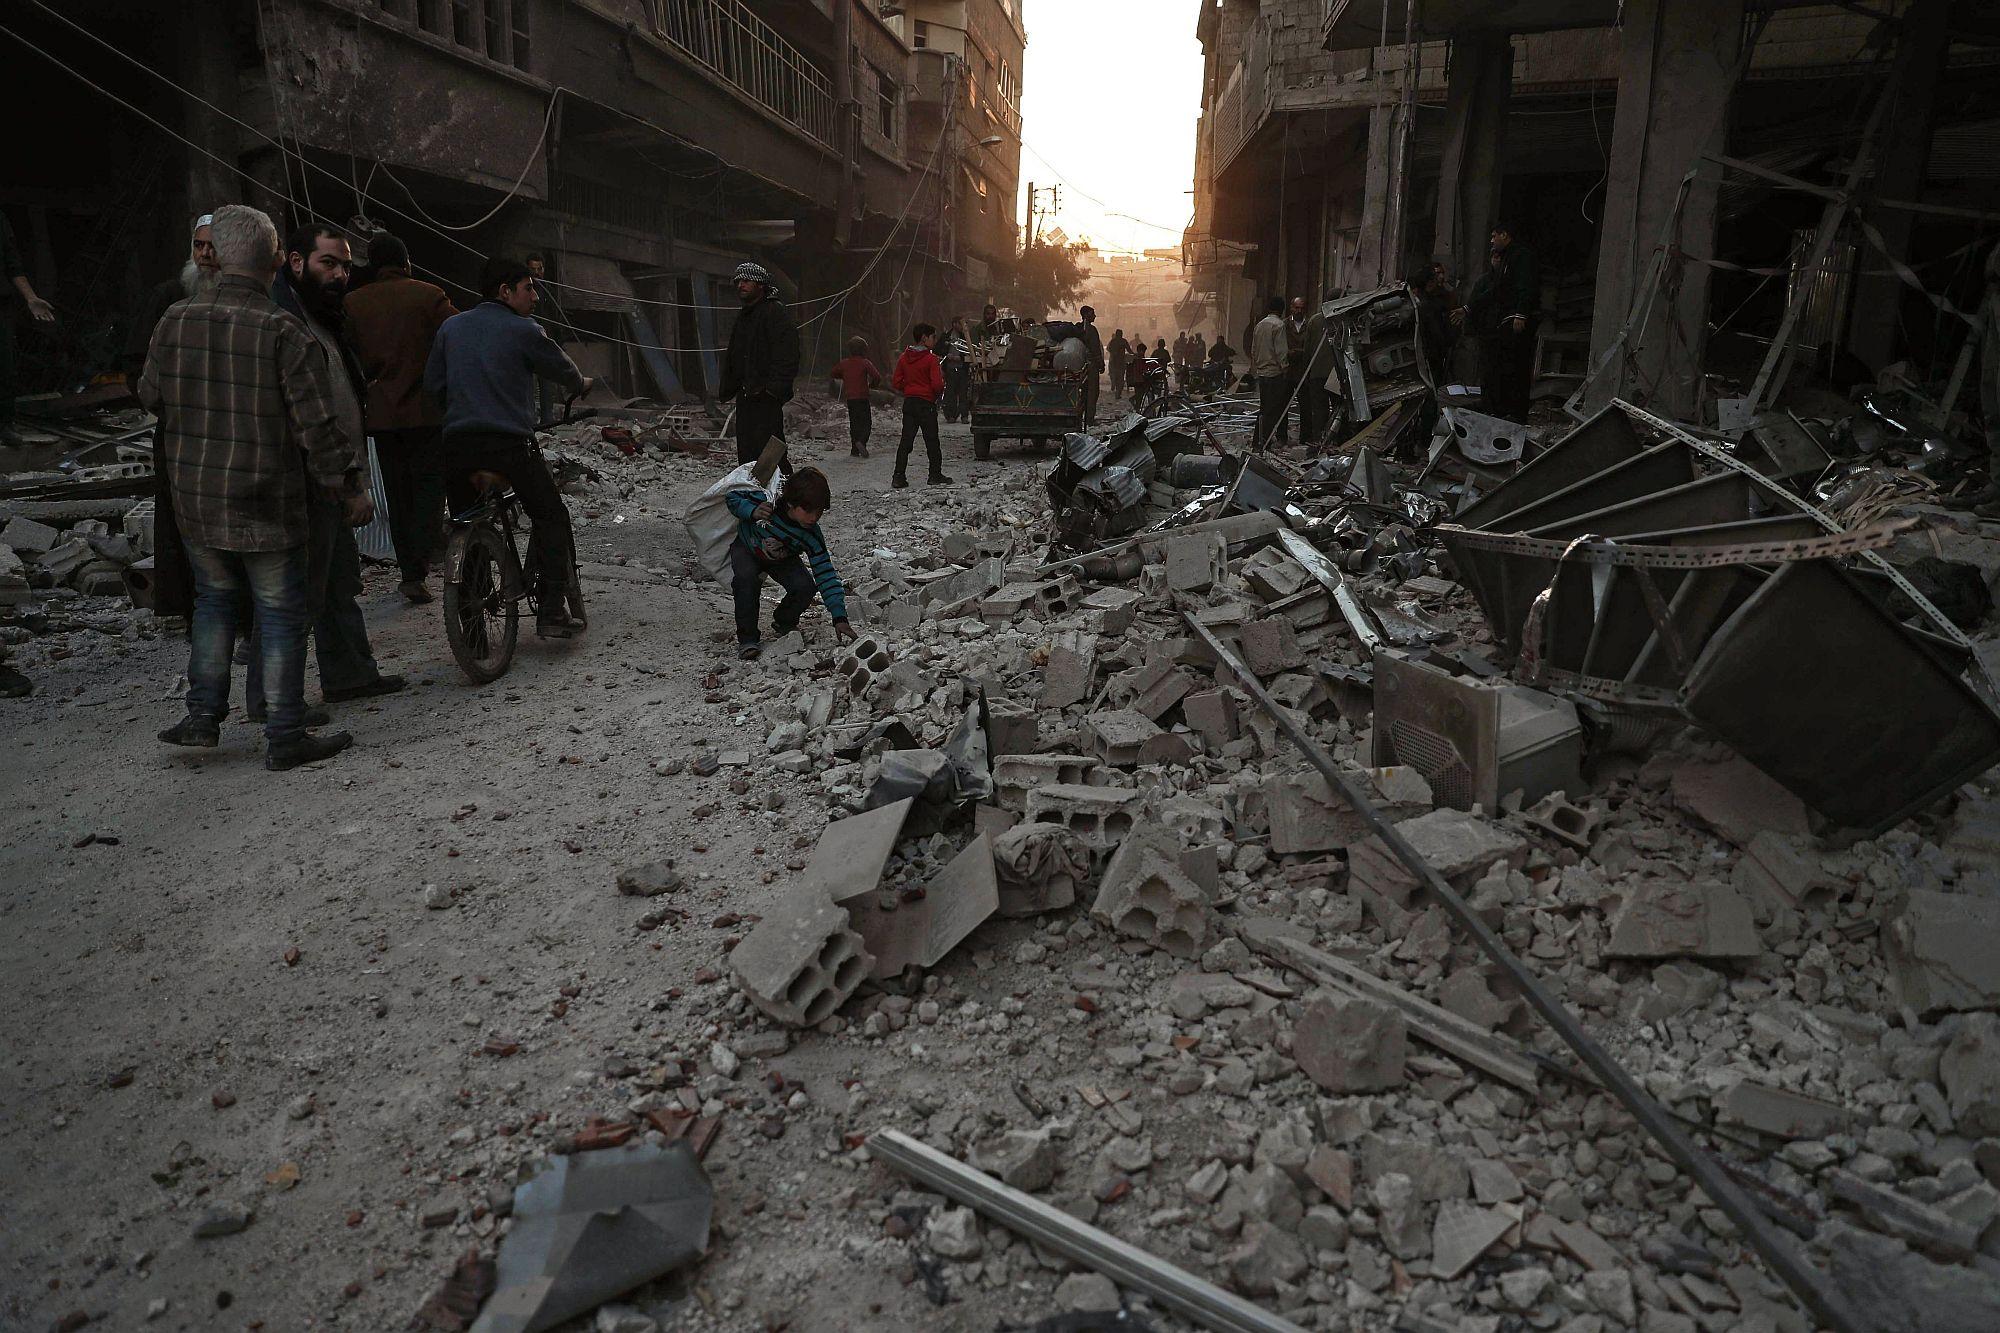 A pusztítás nyomait nézik emberek a szíriai főváros, Damaszkusz Hamoria nevű külvárosában 2017. december 3-án, a szíriai kormánnyal szövetséges erők újabb légicsapása után. A bombázásban legkevesebb 17 ember életét vesztette. (MTI/EPA/Mohamed Badra)